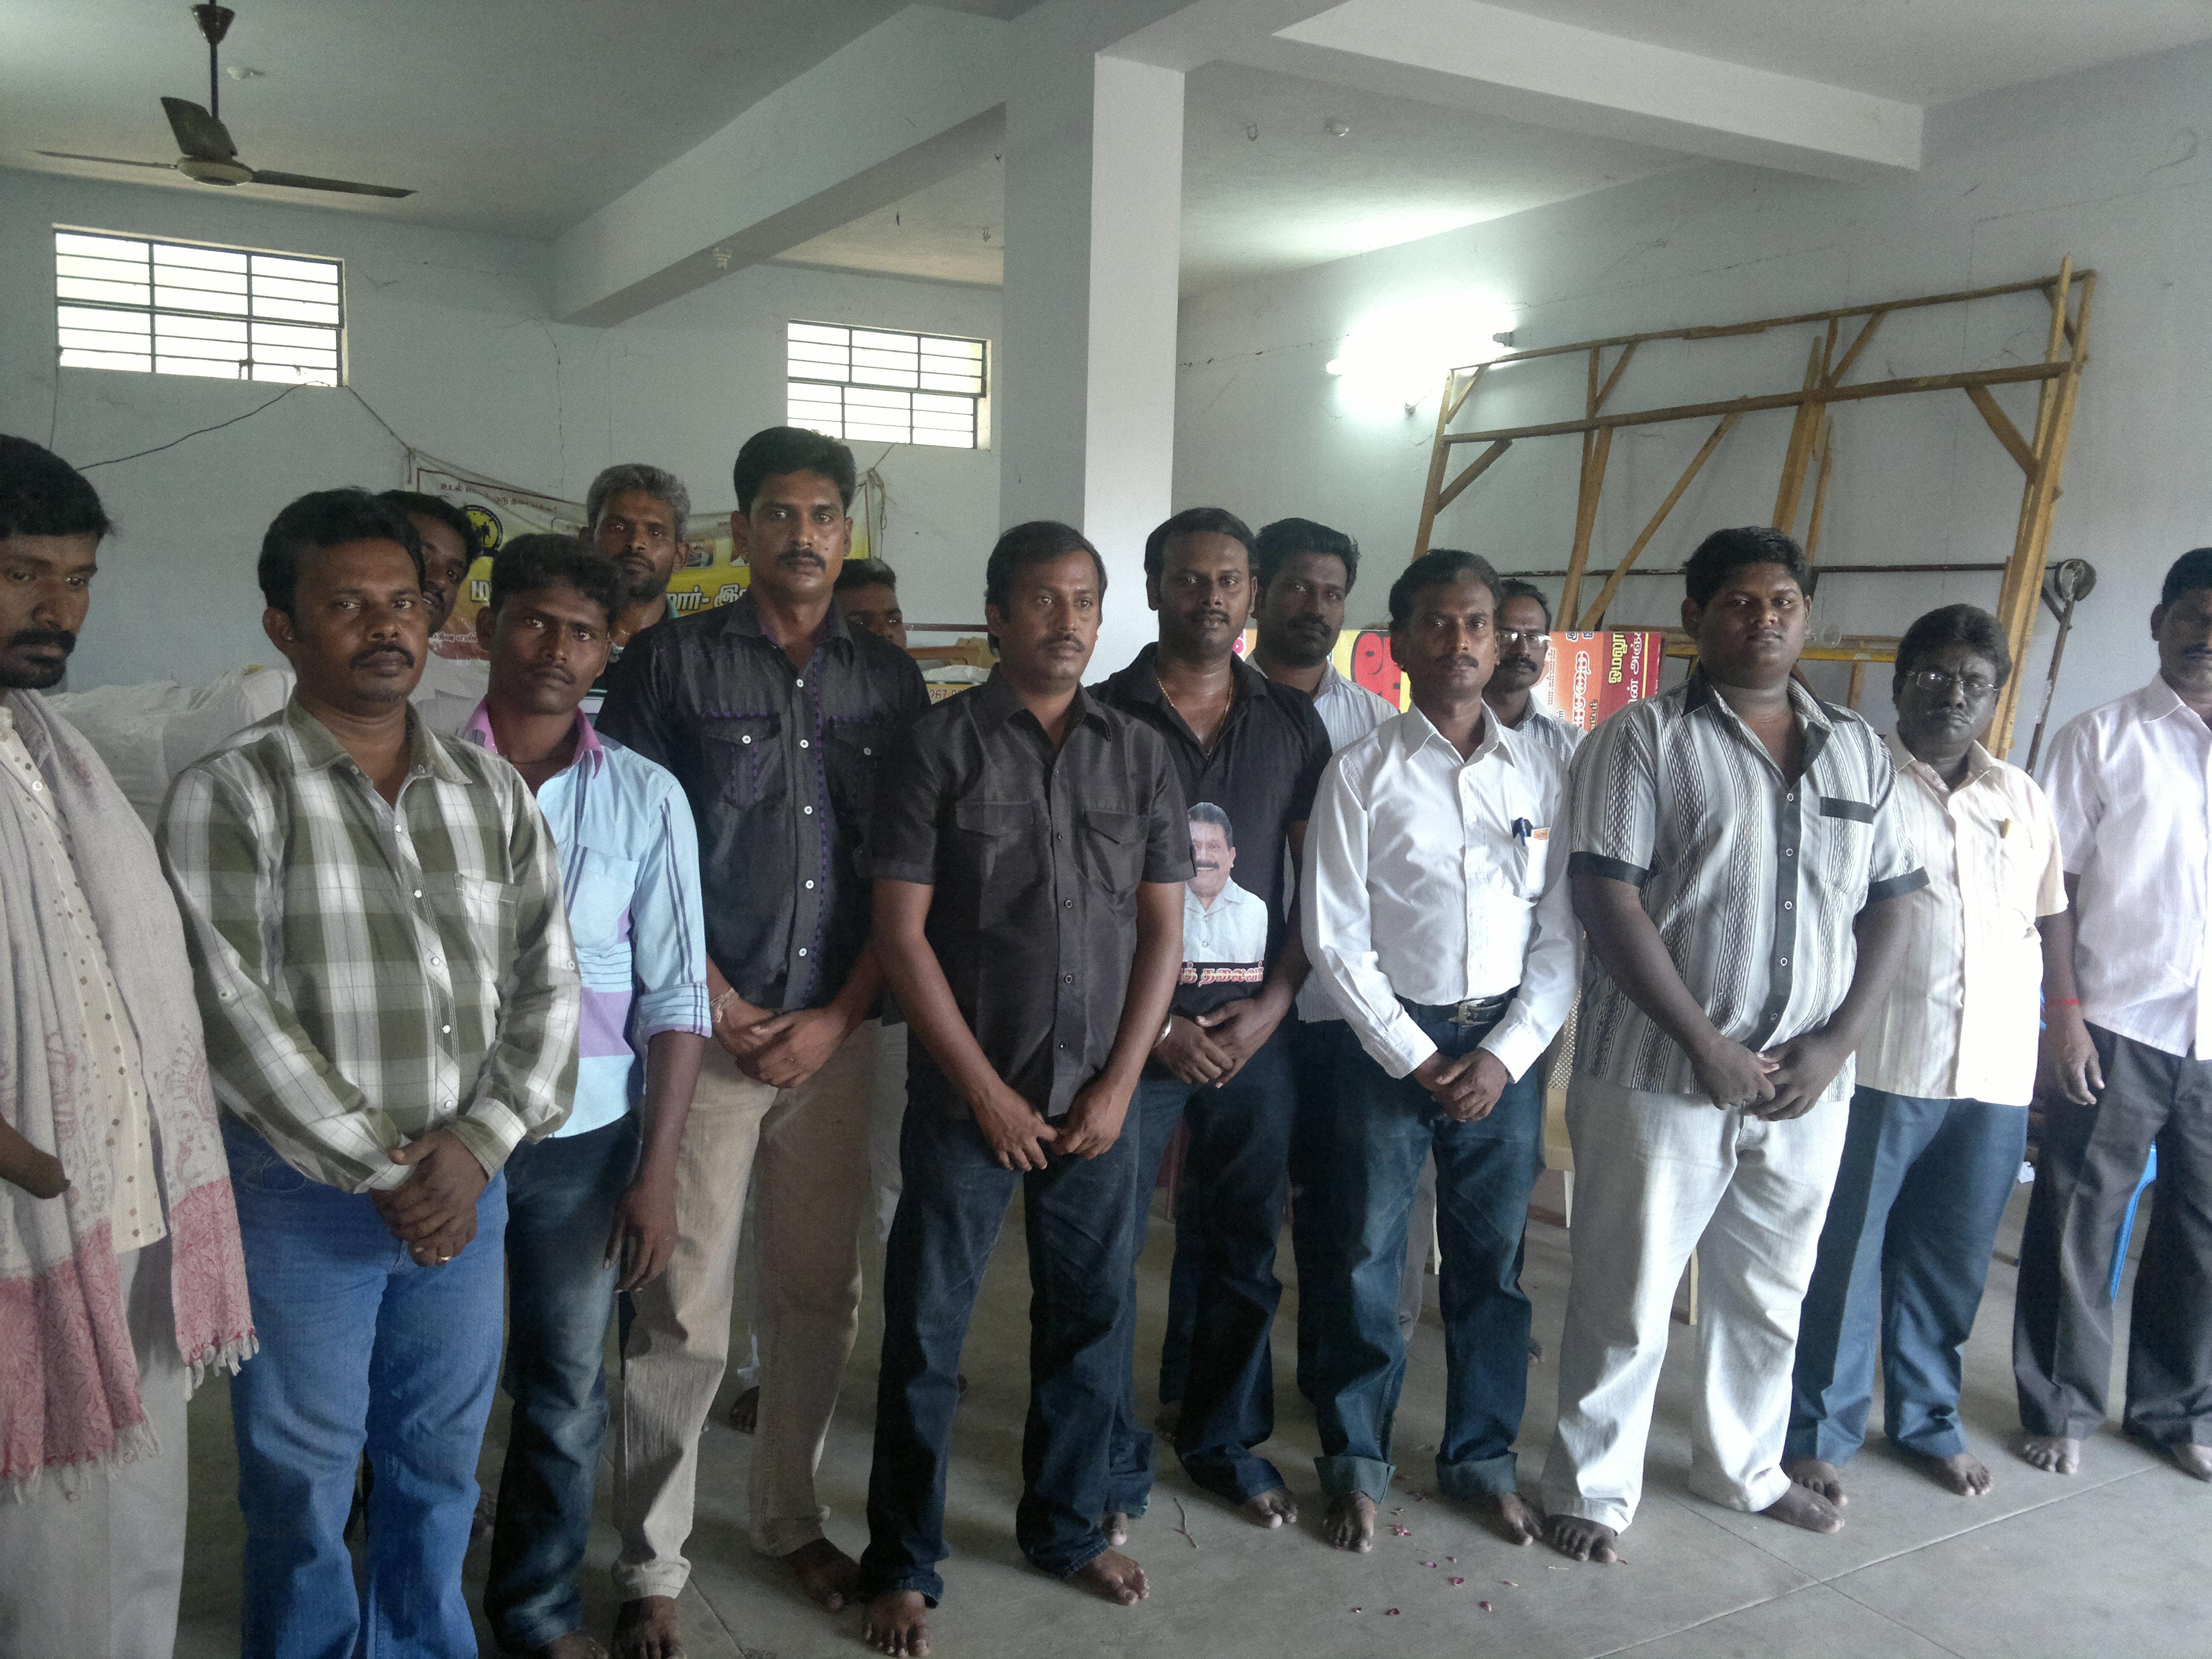 சேலம் மாவட்டம் ஓமலூரில் அய்யா மணிவண்ணன் அவர்களுக்கு வீரவணக்க நிகழ்வு நடைபெற்றது. 2014 06 15 155